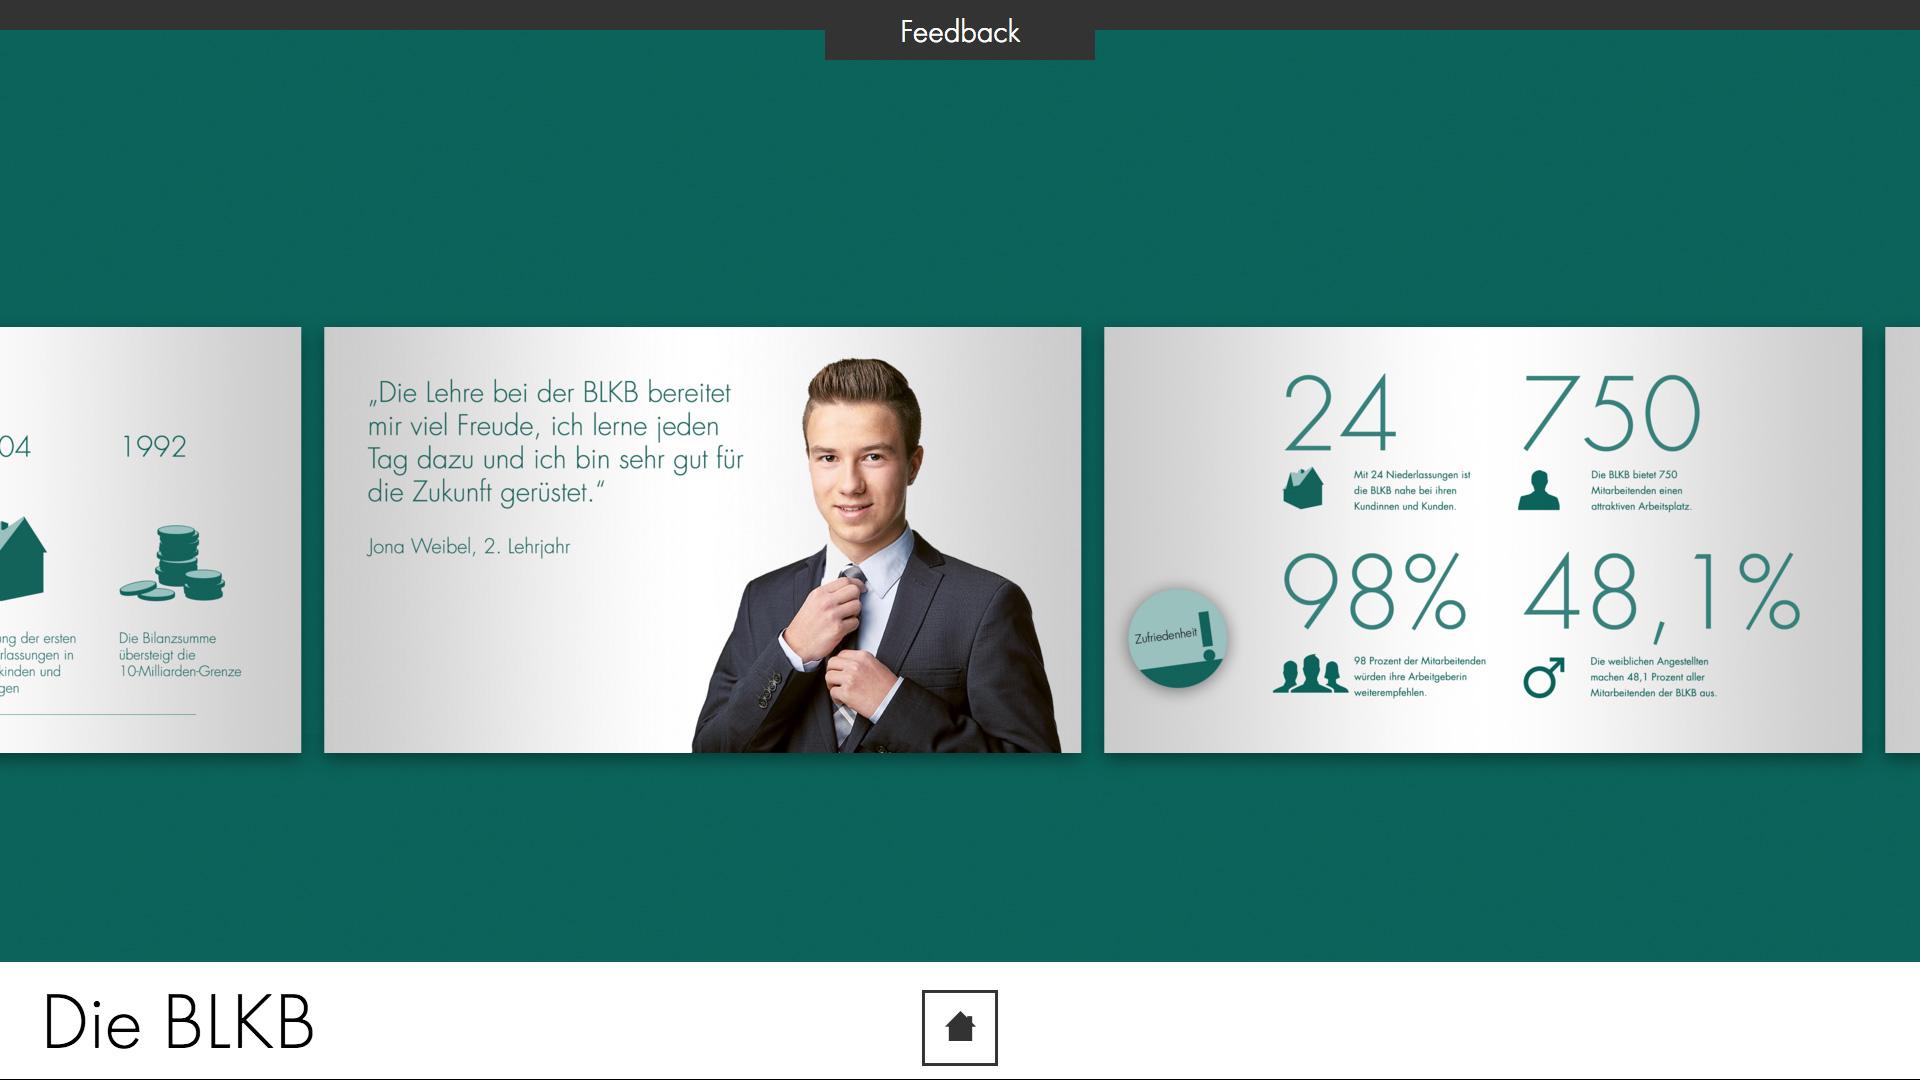 Bild 7 vom BLKB Touchterminal